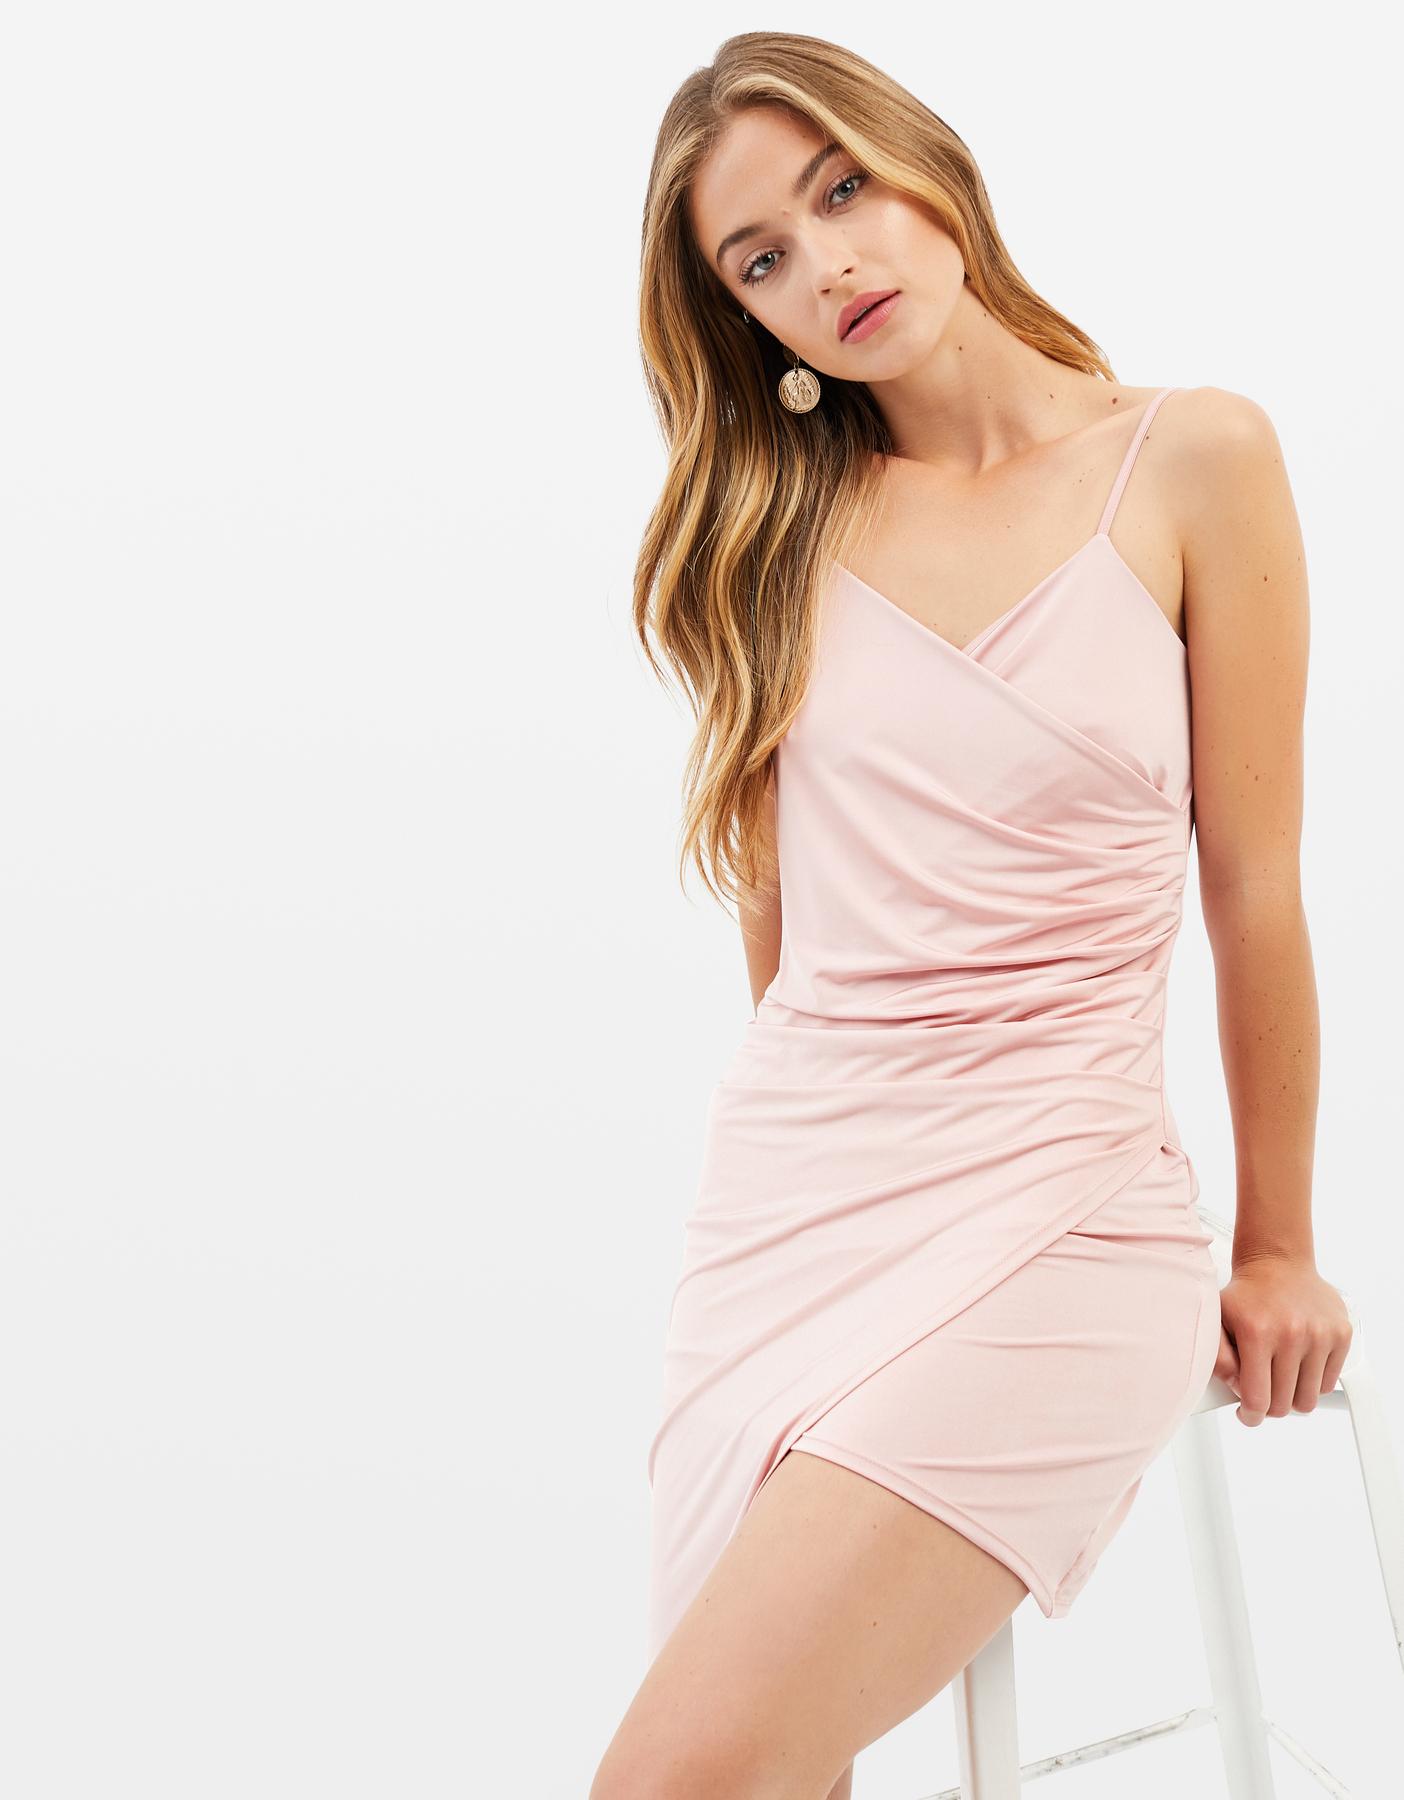 Pinkes, seidenes Kleid im Wickel-Design